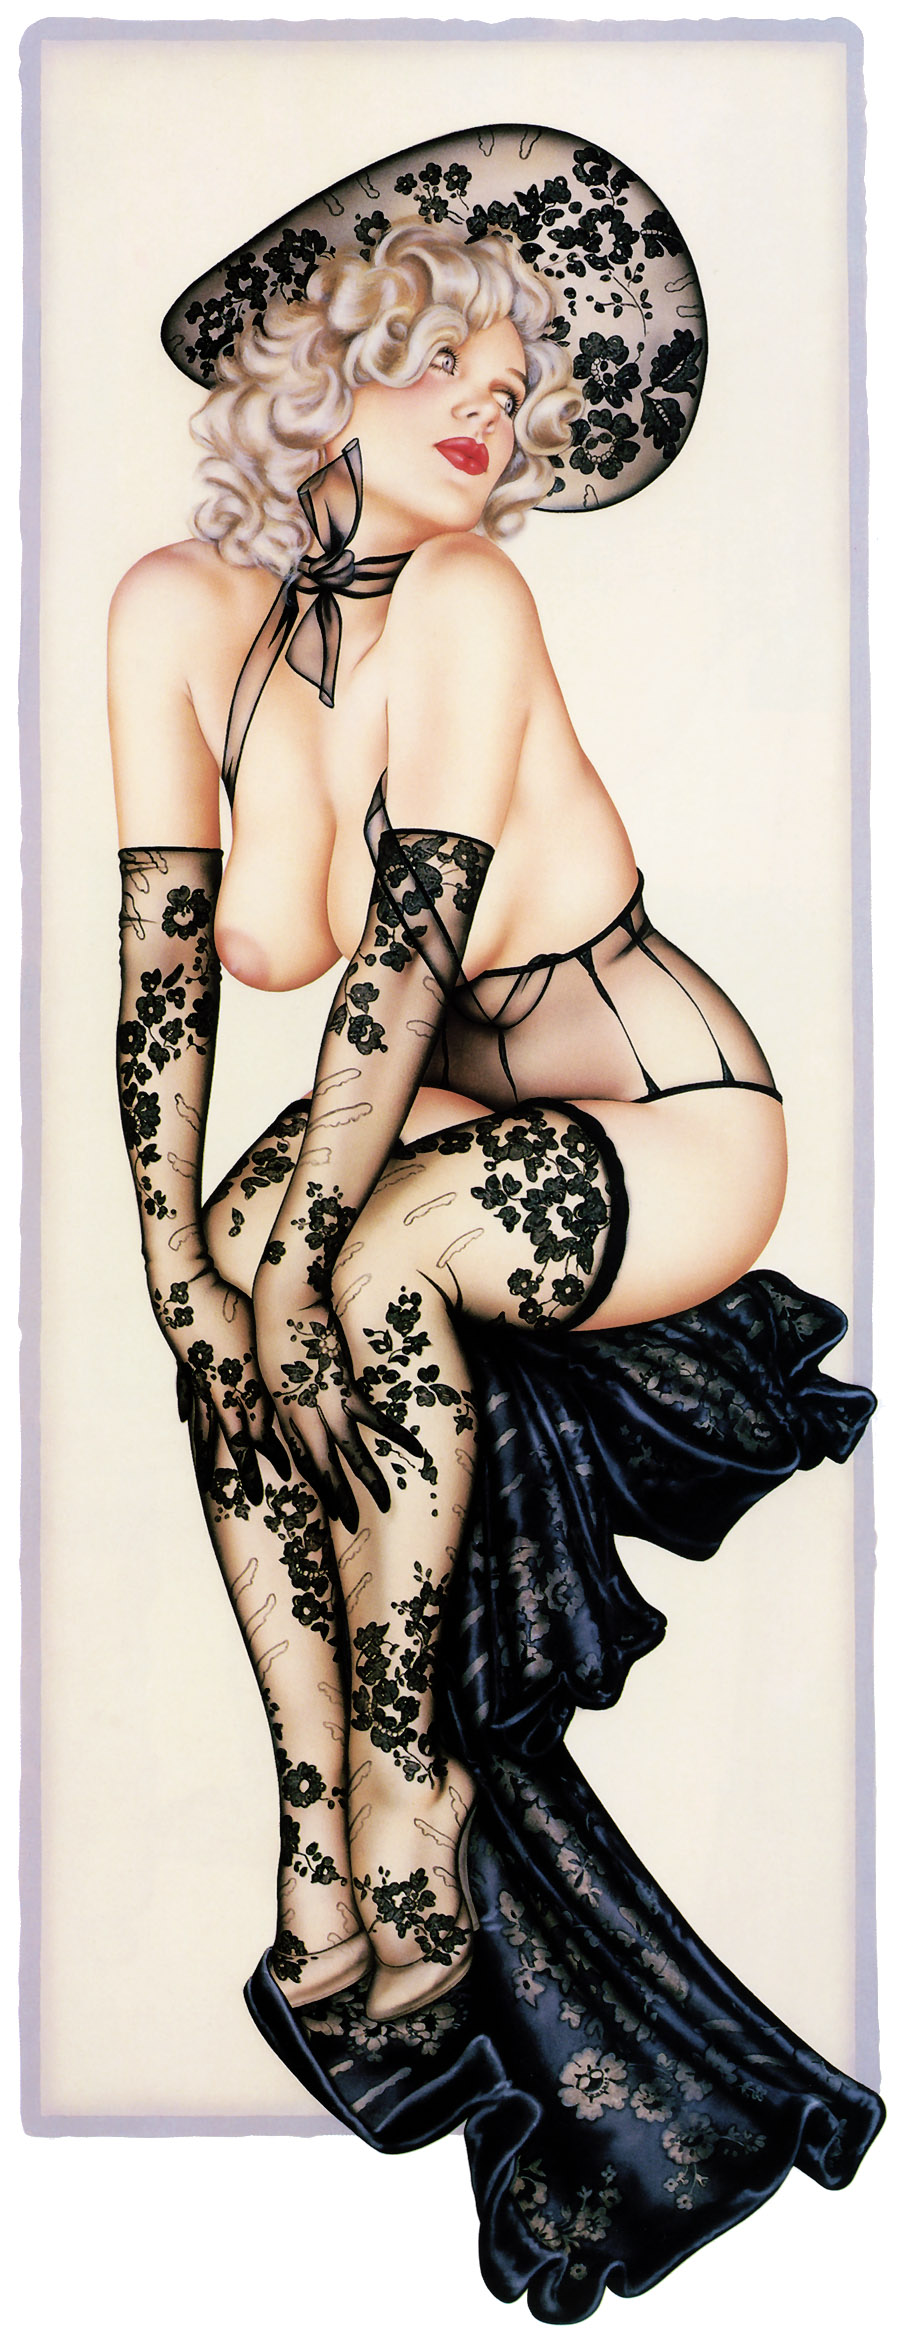 Рисованные эротик девушки 17 фотография